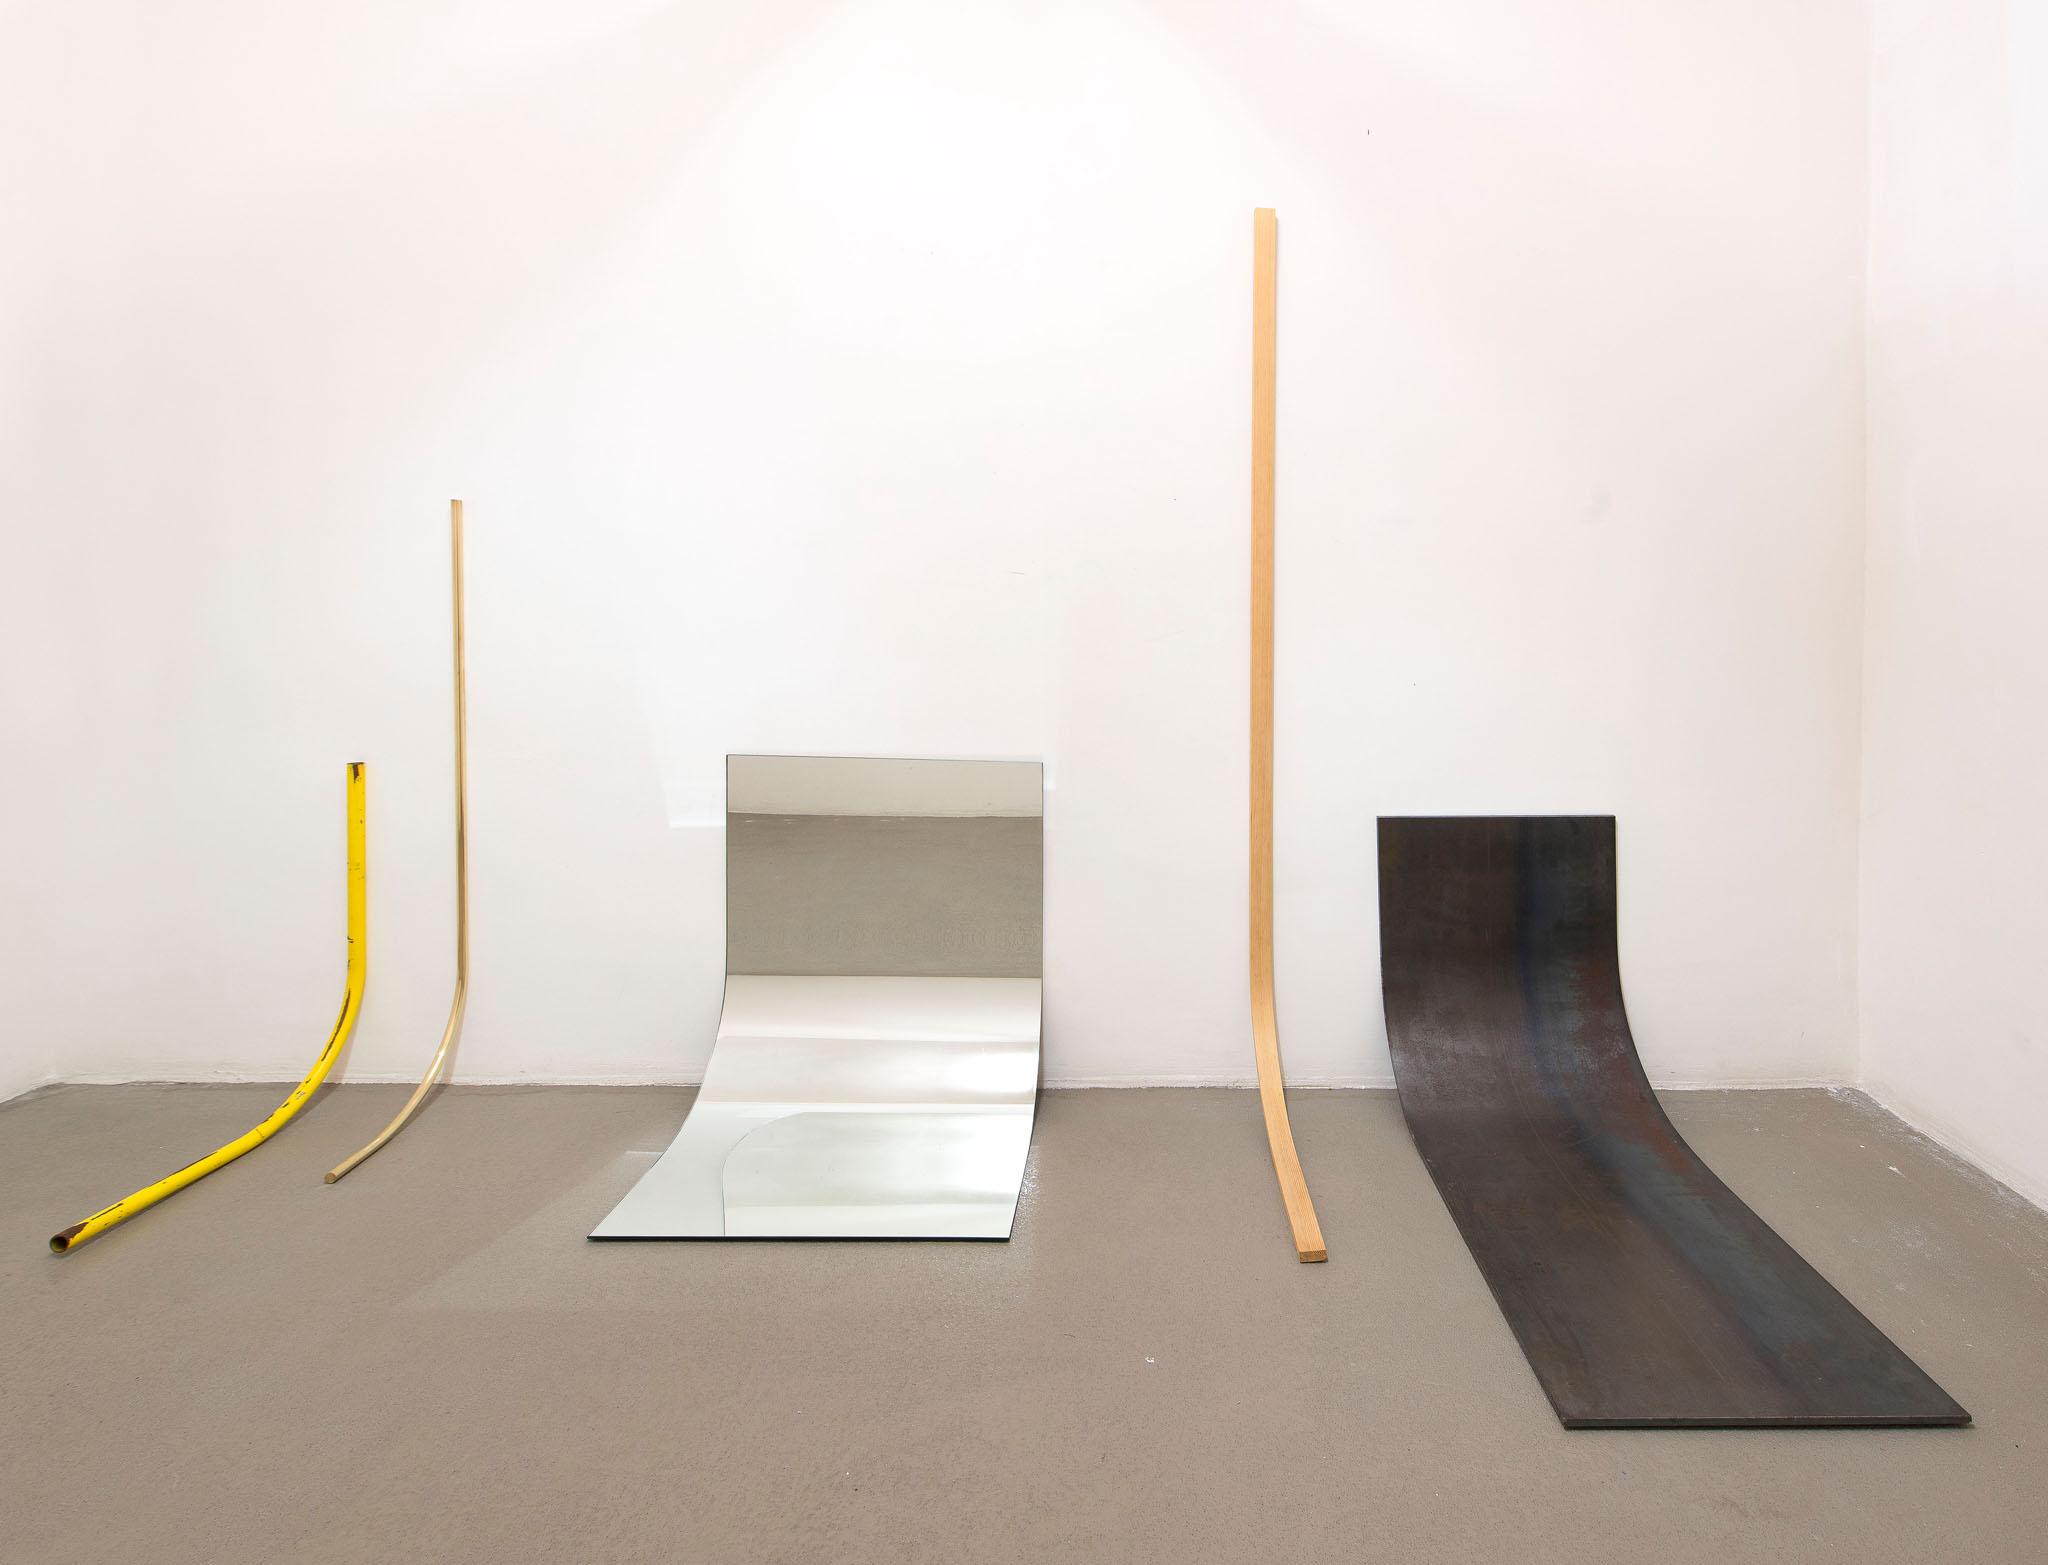 Alicja Kwade Andere Bedingung (Aggregatzustand), 2009; legno, specchio, metallo, ottone, asta d'acciaio; foto Giorgio Benni